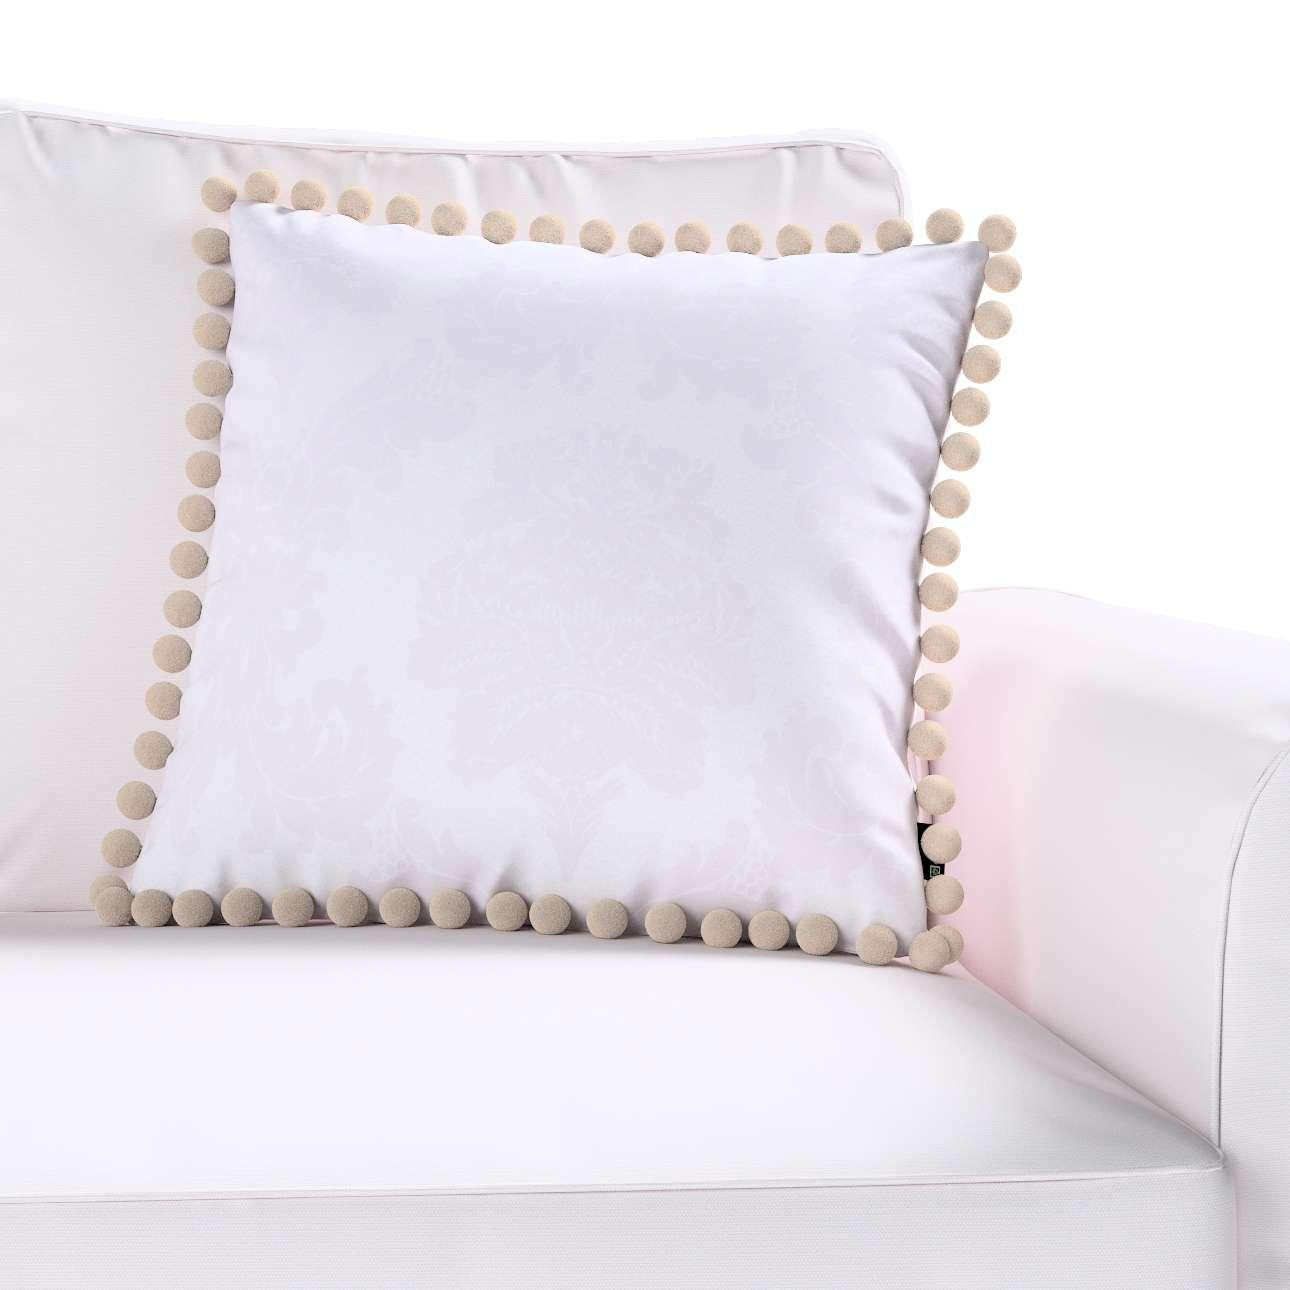 Poszewka Wera na poduszkę 45 x 45 cm w kolekcji Damasco, tkanina: 613-00